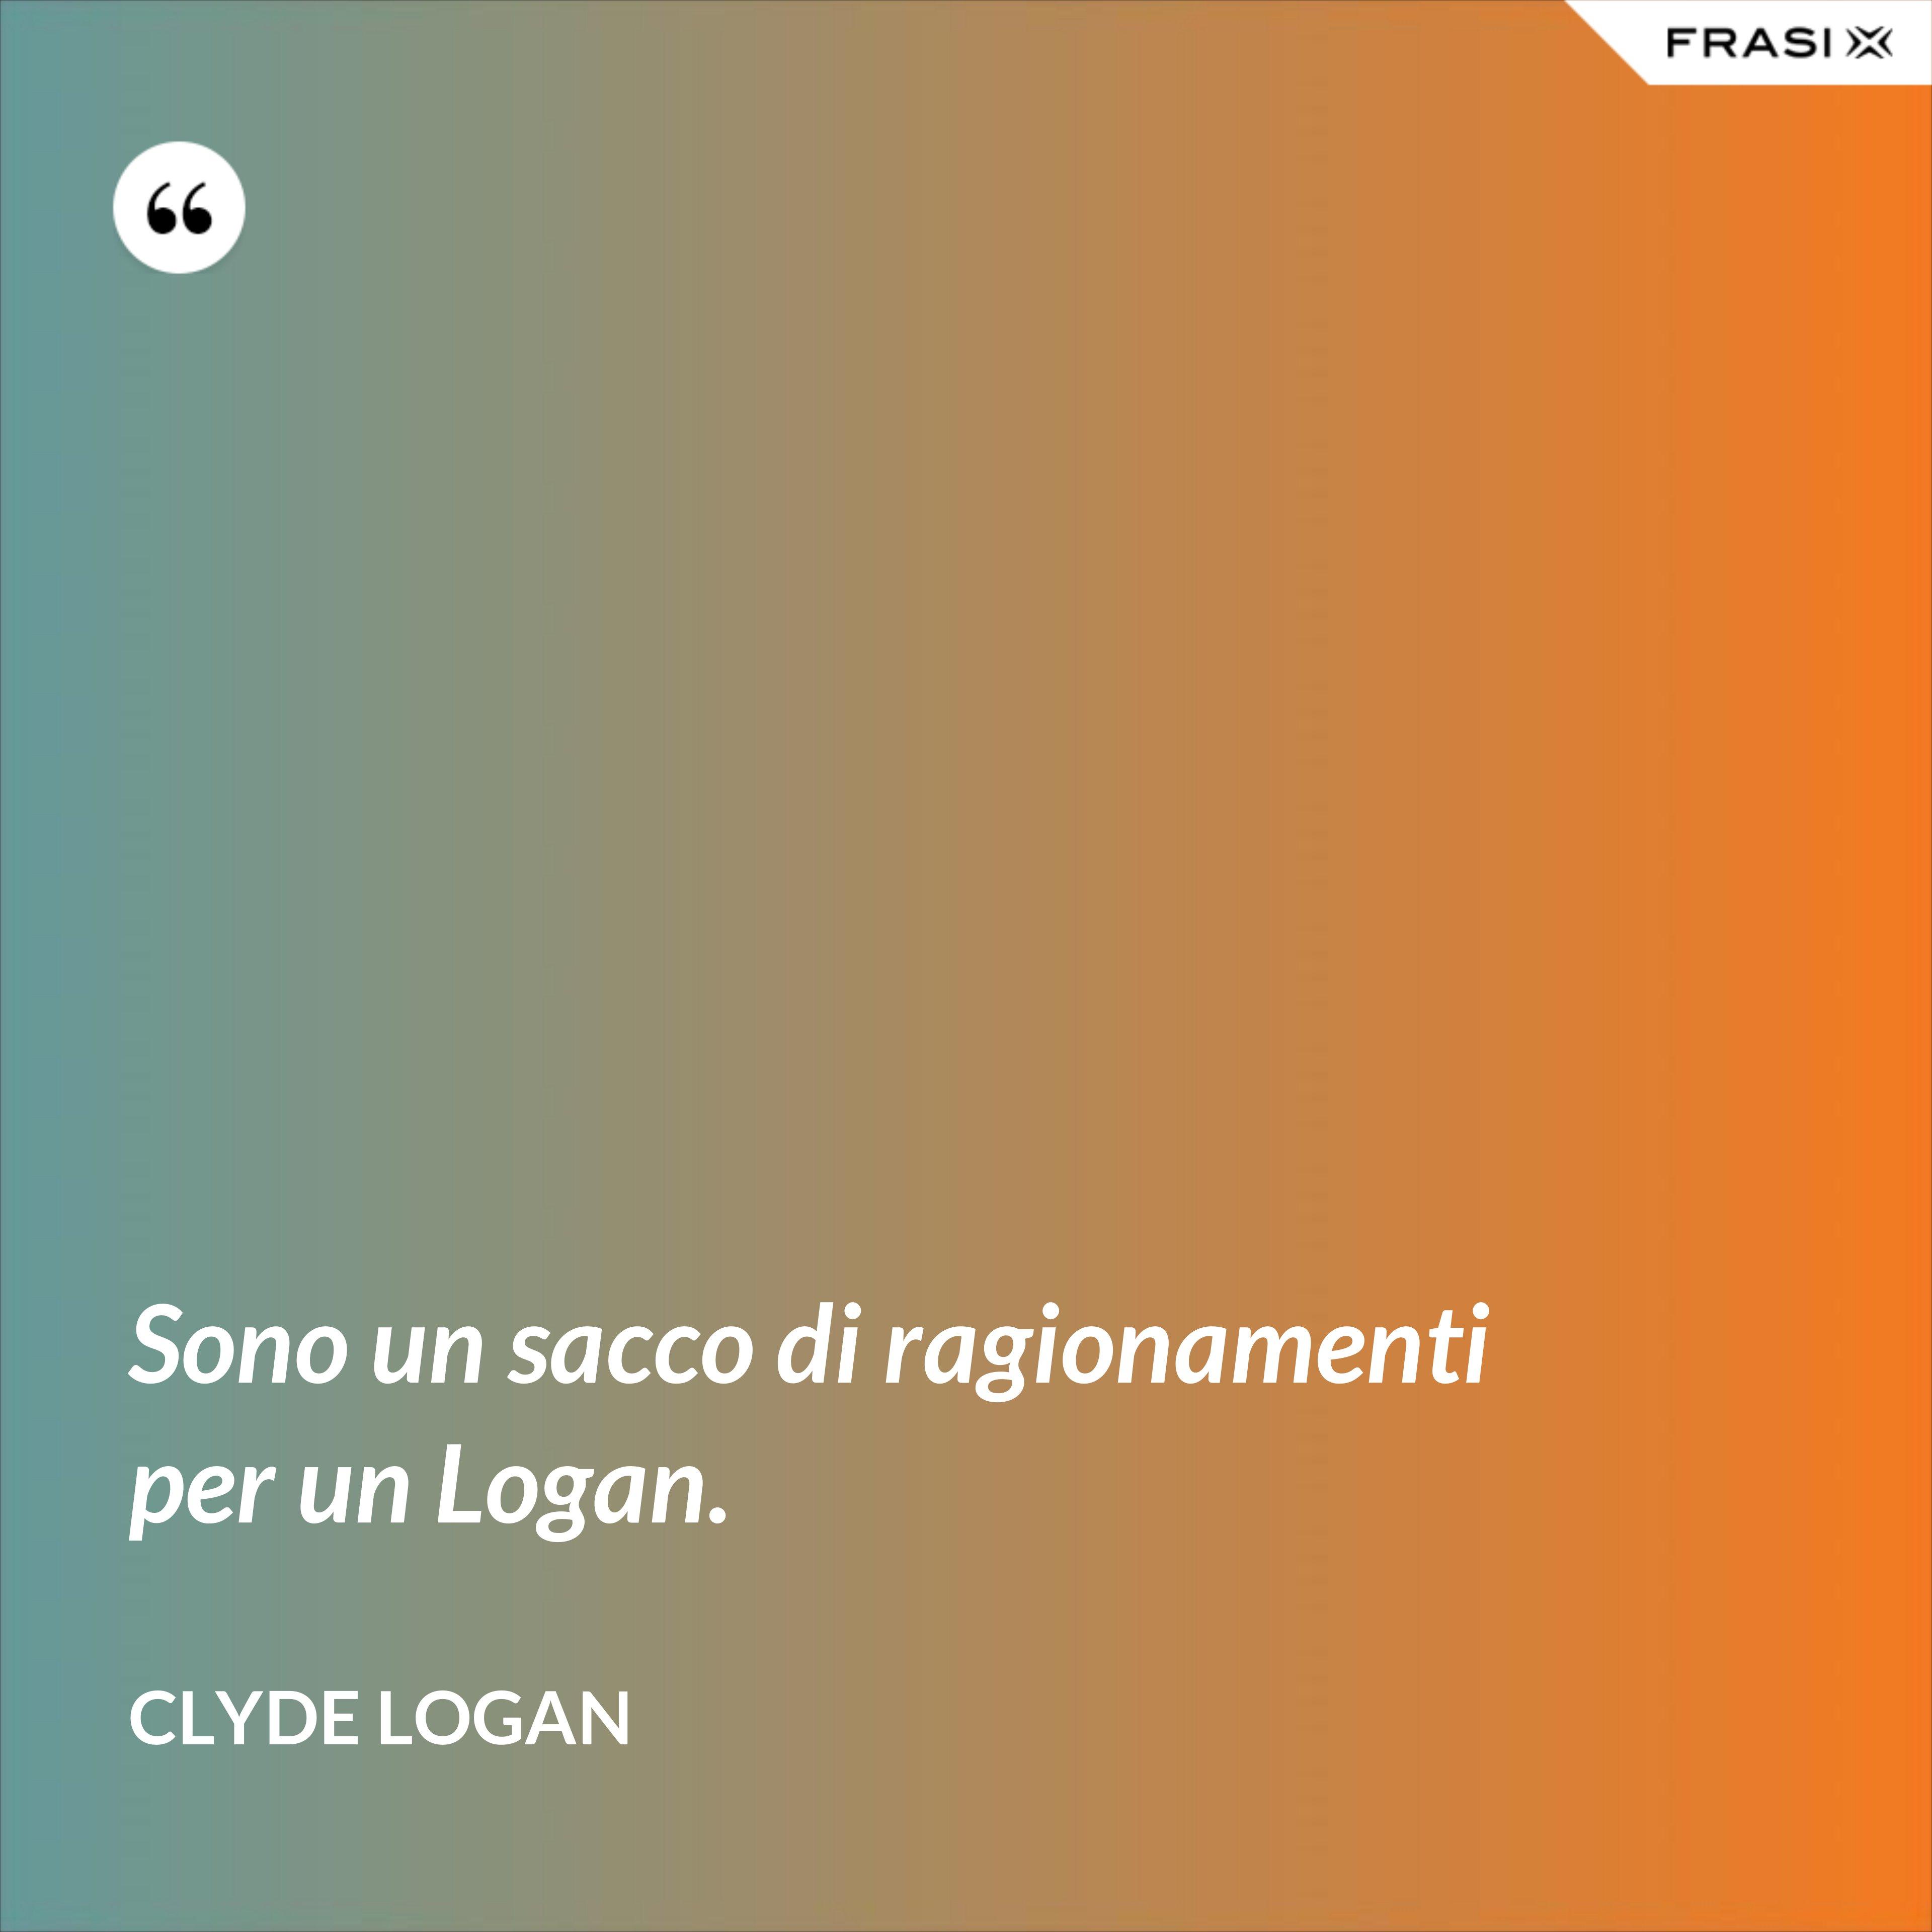 Sono un sacco di ragionamenti per un Logan. - Clyde Logan